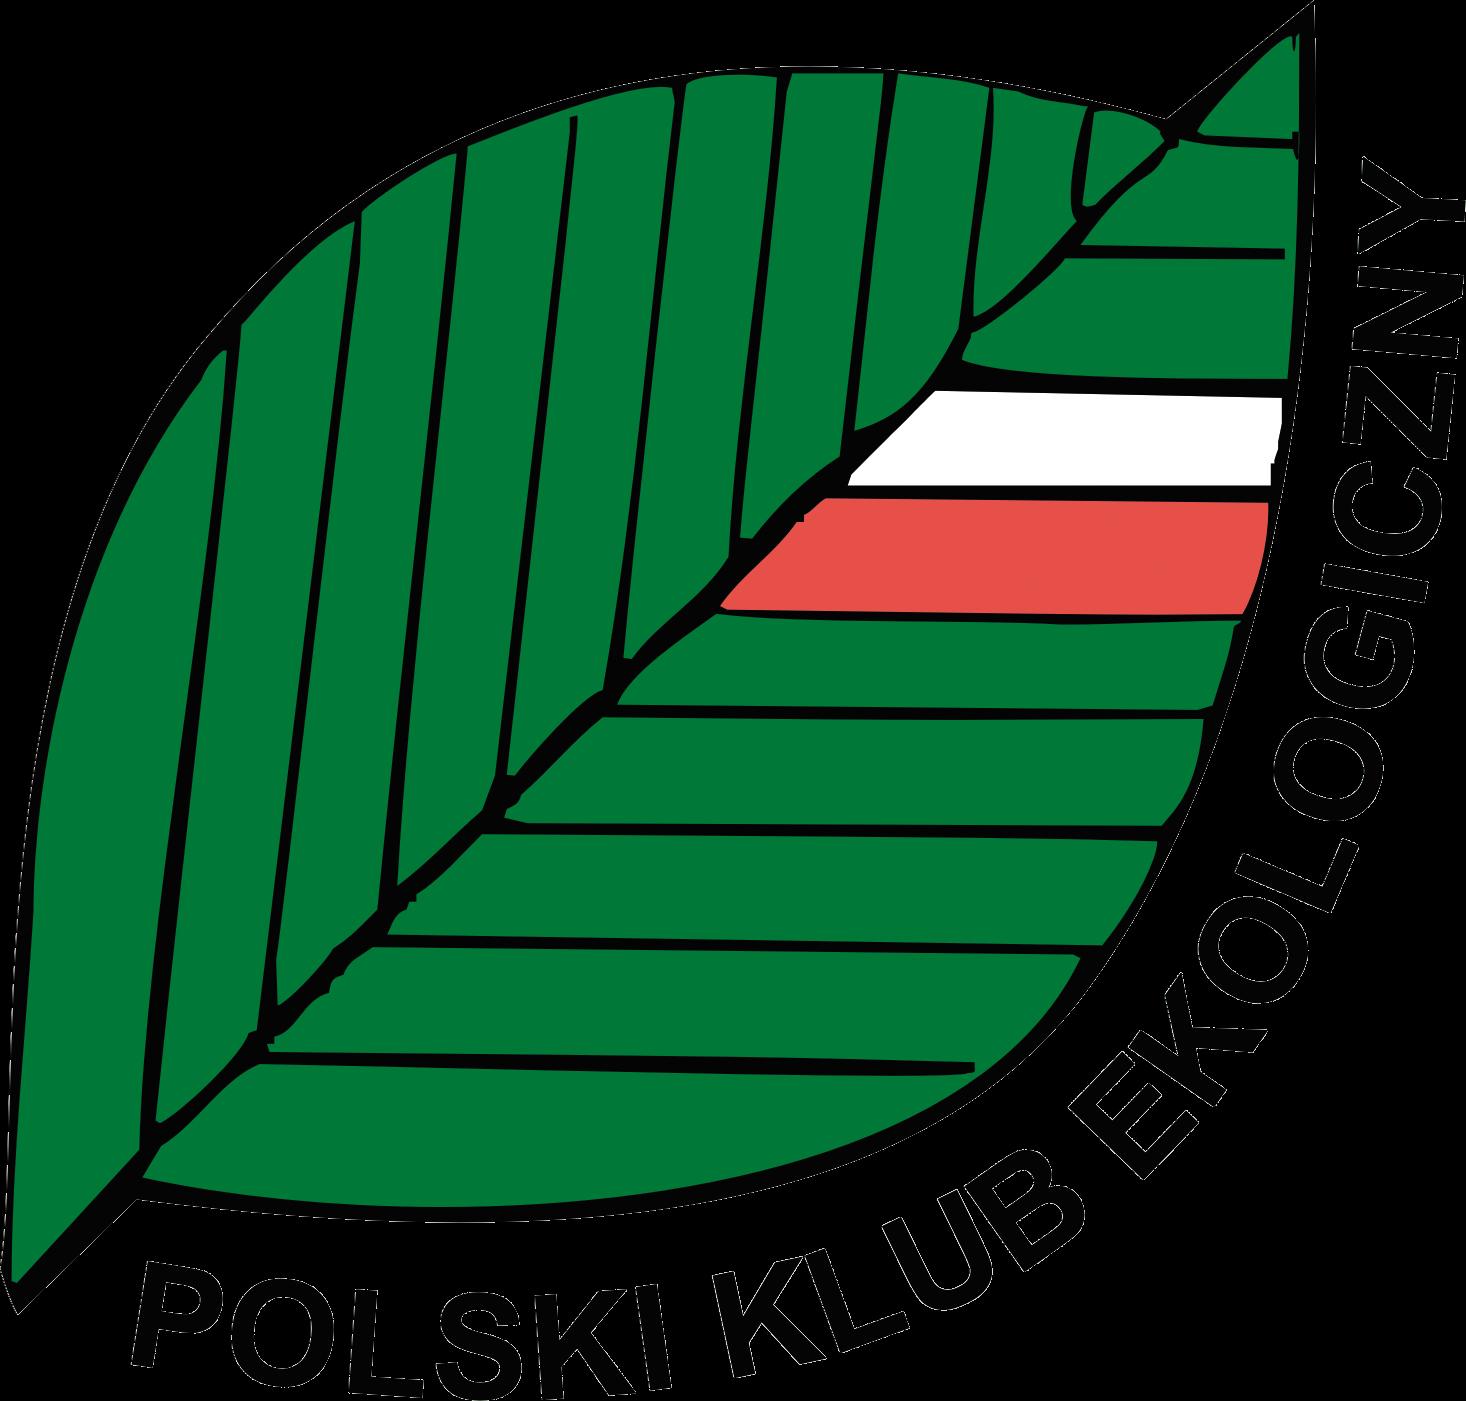 Polski Klub Ekologiczny Zarząd Główny